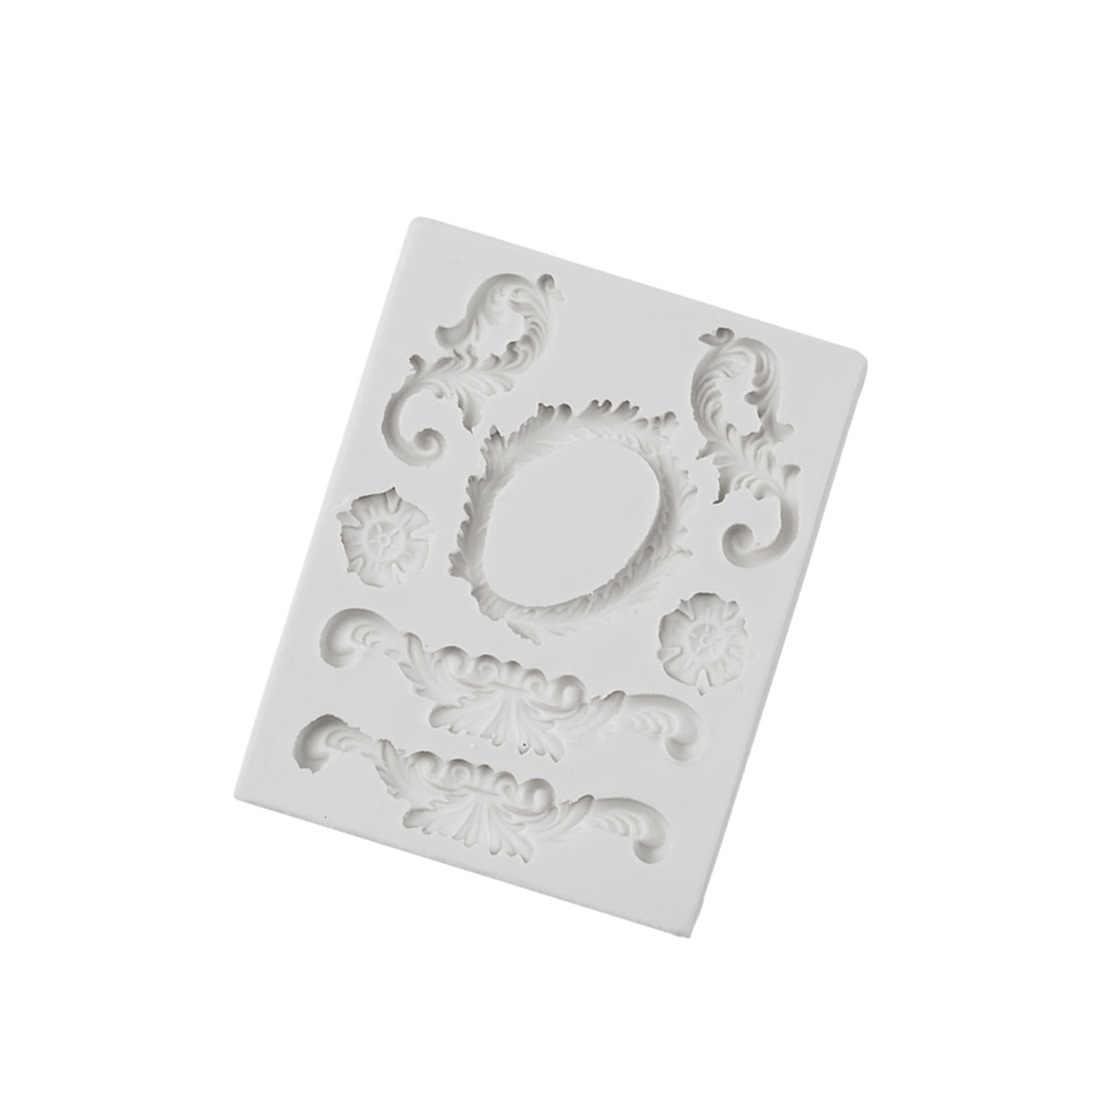 סיליקון תבניות חימר שרף אירופאי רטרו הקלה עובש 3d קיר פנל עיצוב DIY UV בטון תכשיטי אביזרי פונדנט עובש